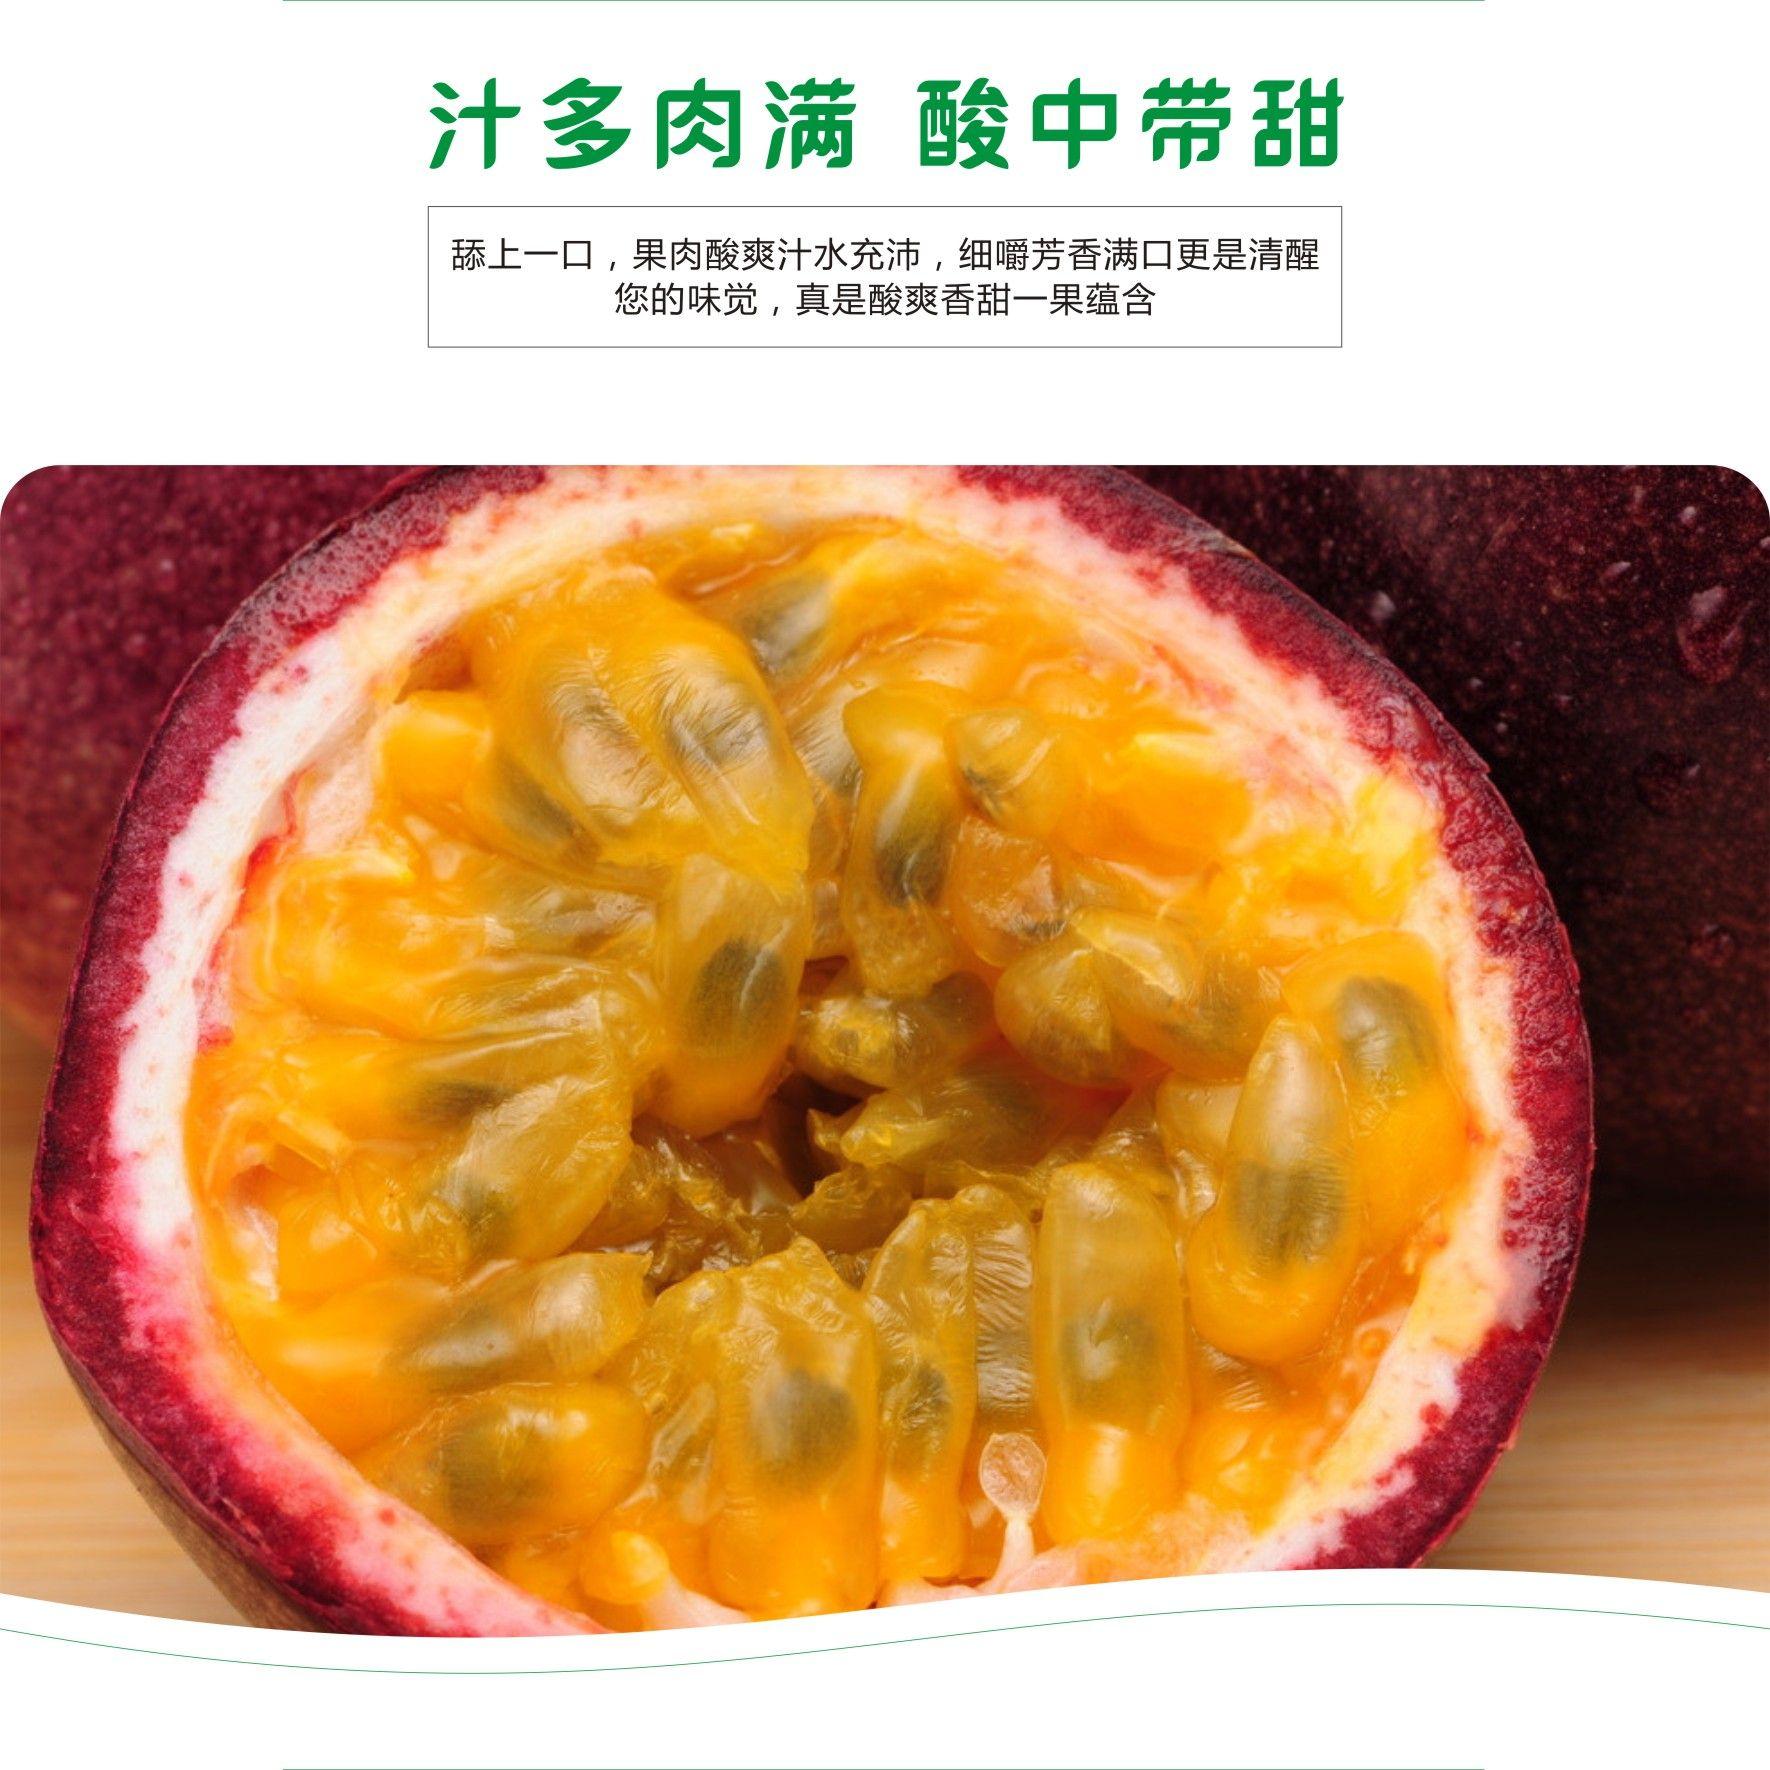 【买4送1】百香果5斤3/2/1斤热带水果新鲜百香果批发现摘精选大果_1